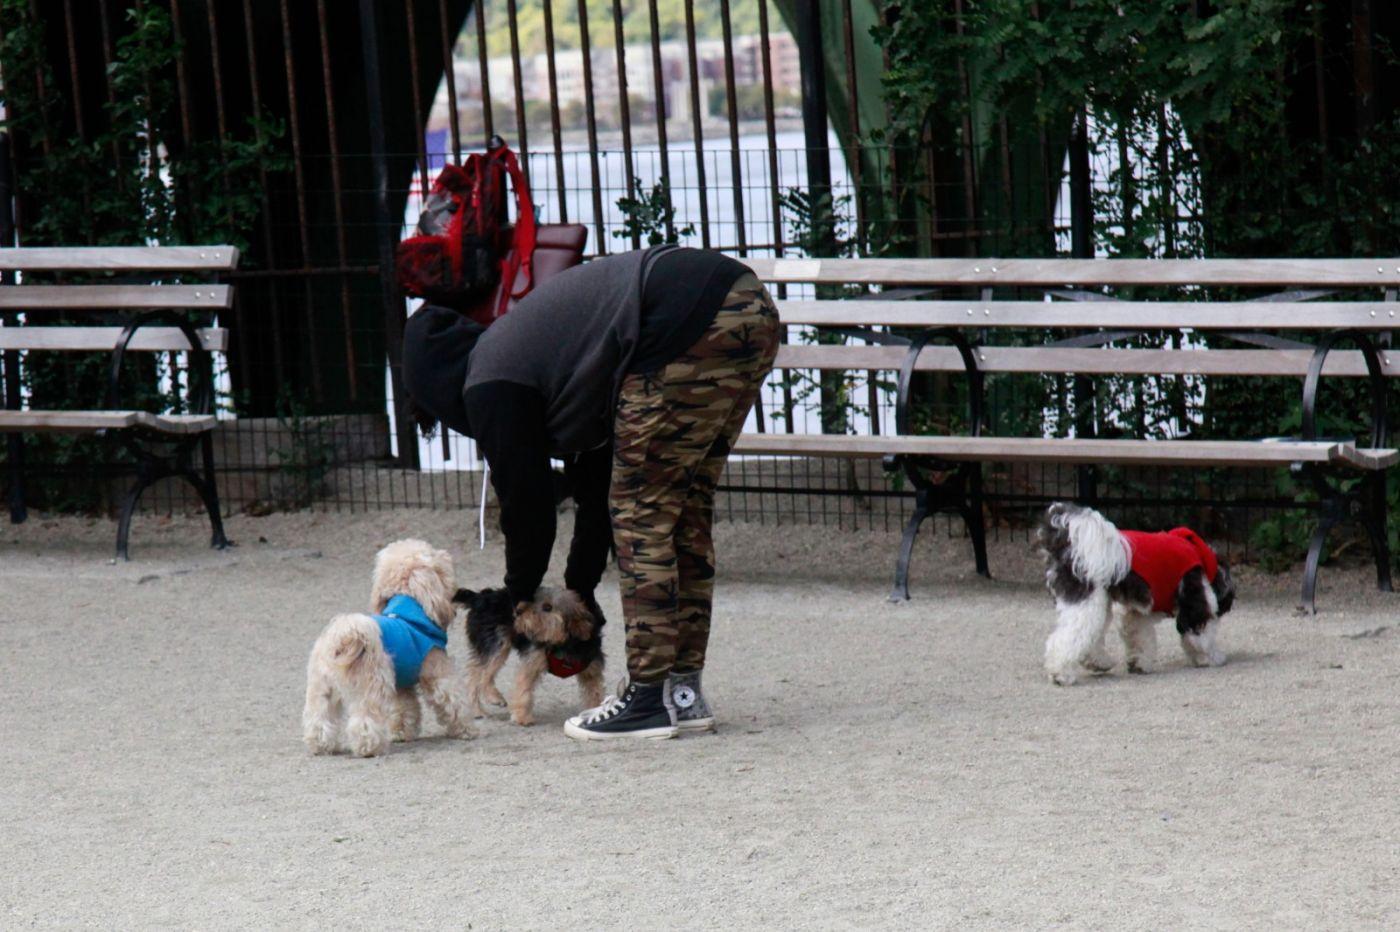 养狗爱好者带了爱犬欢聚一堂,相互交流_图1-3